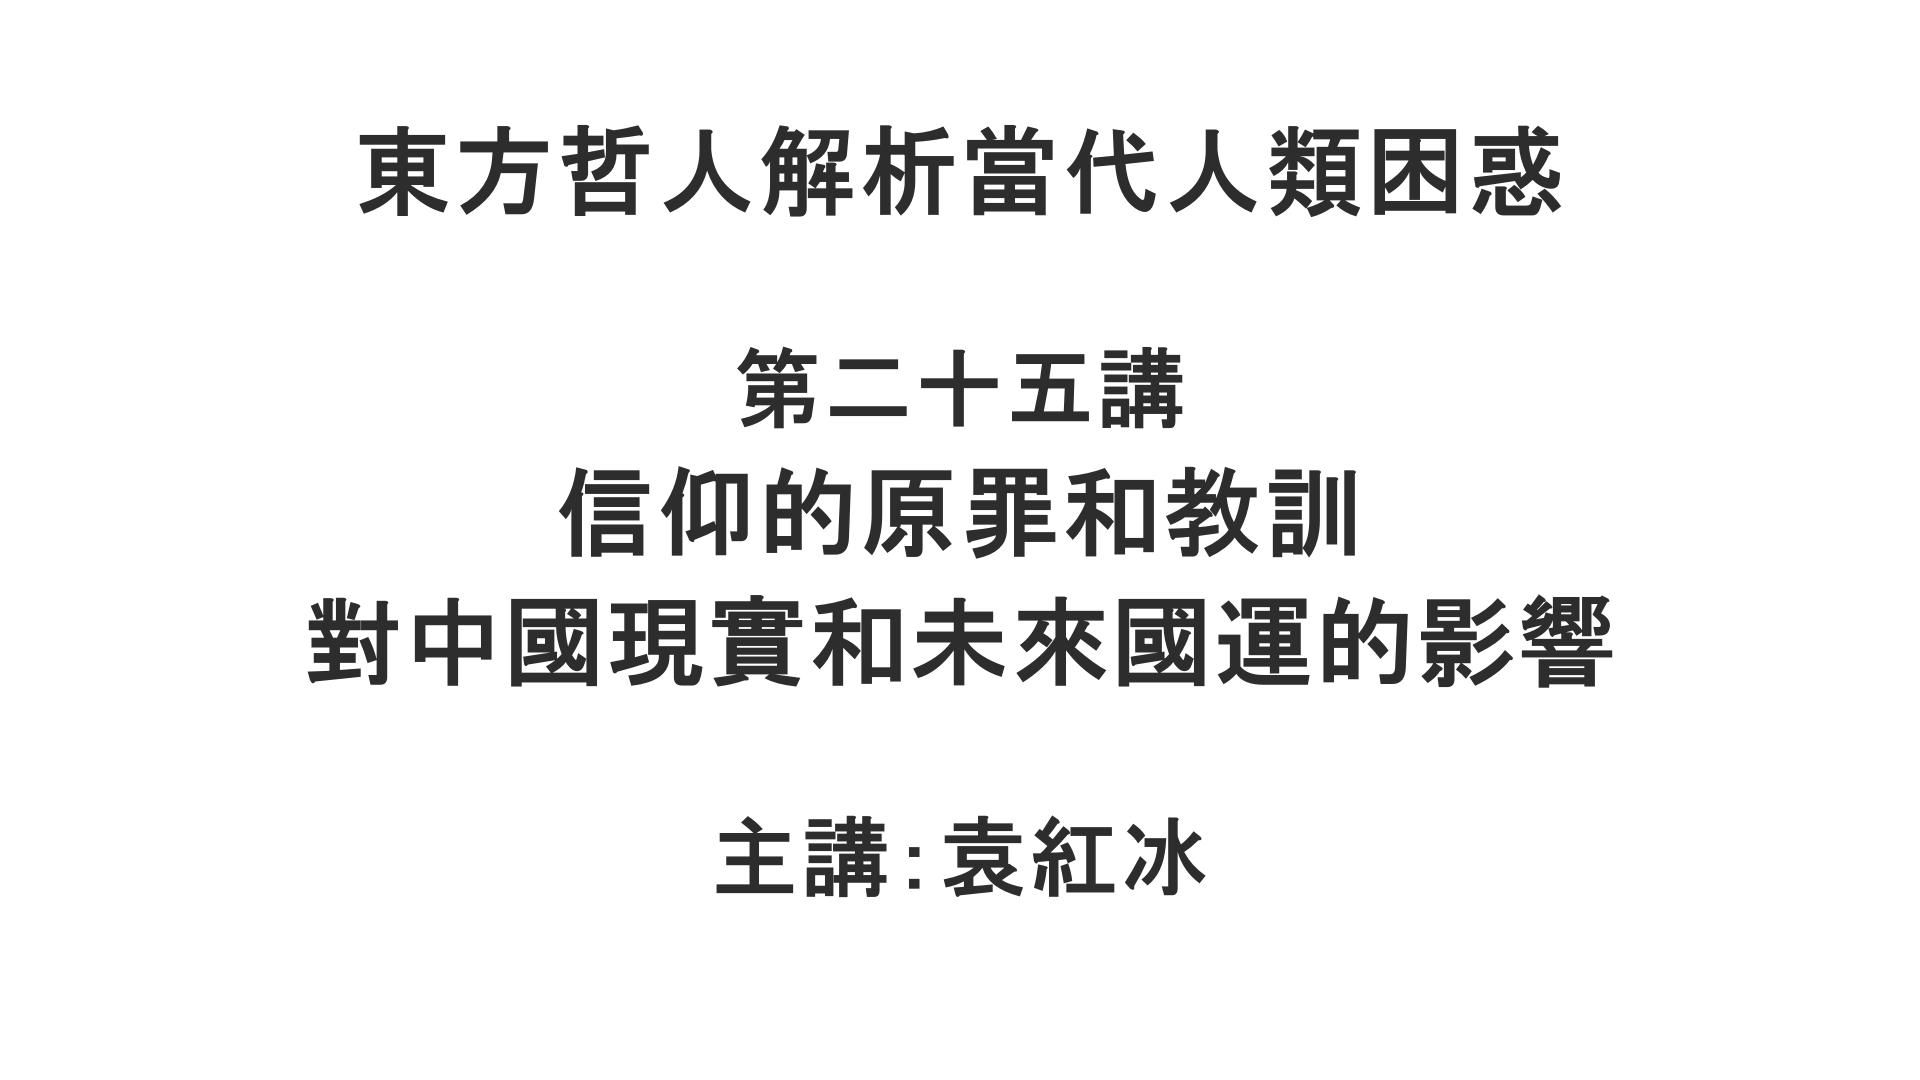 YuanHongBing-XingTan-4-25-05232021